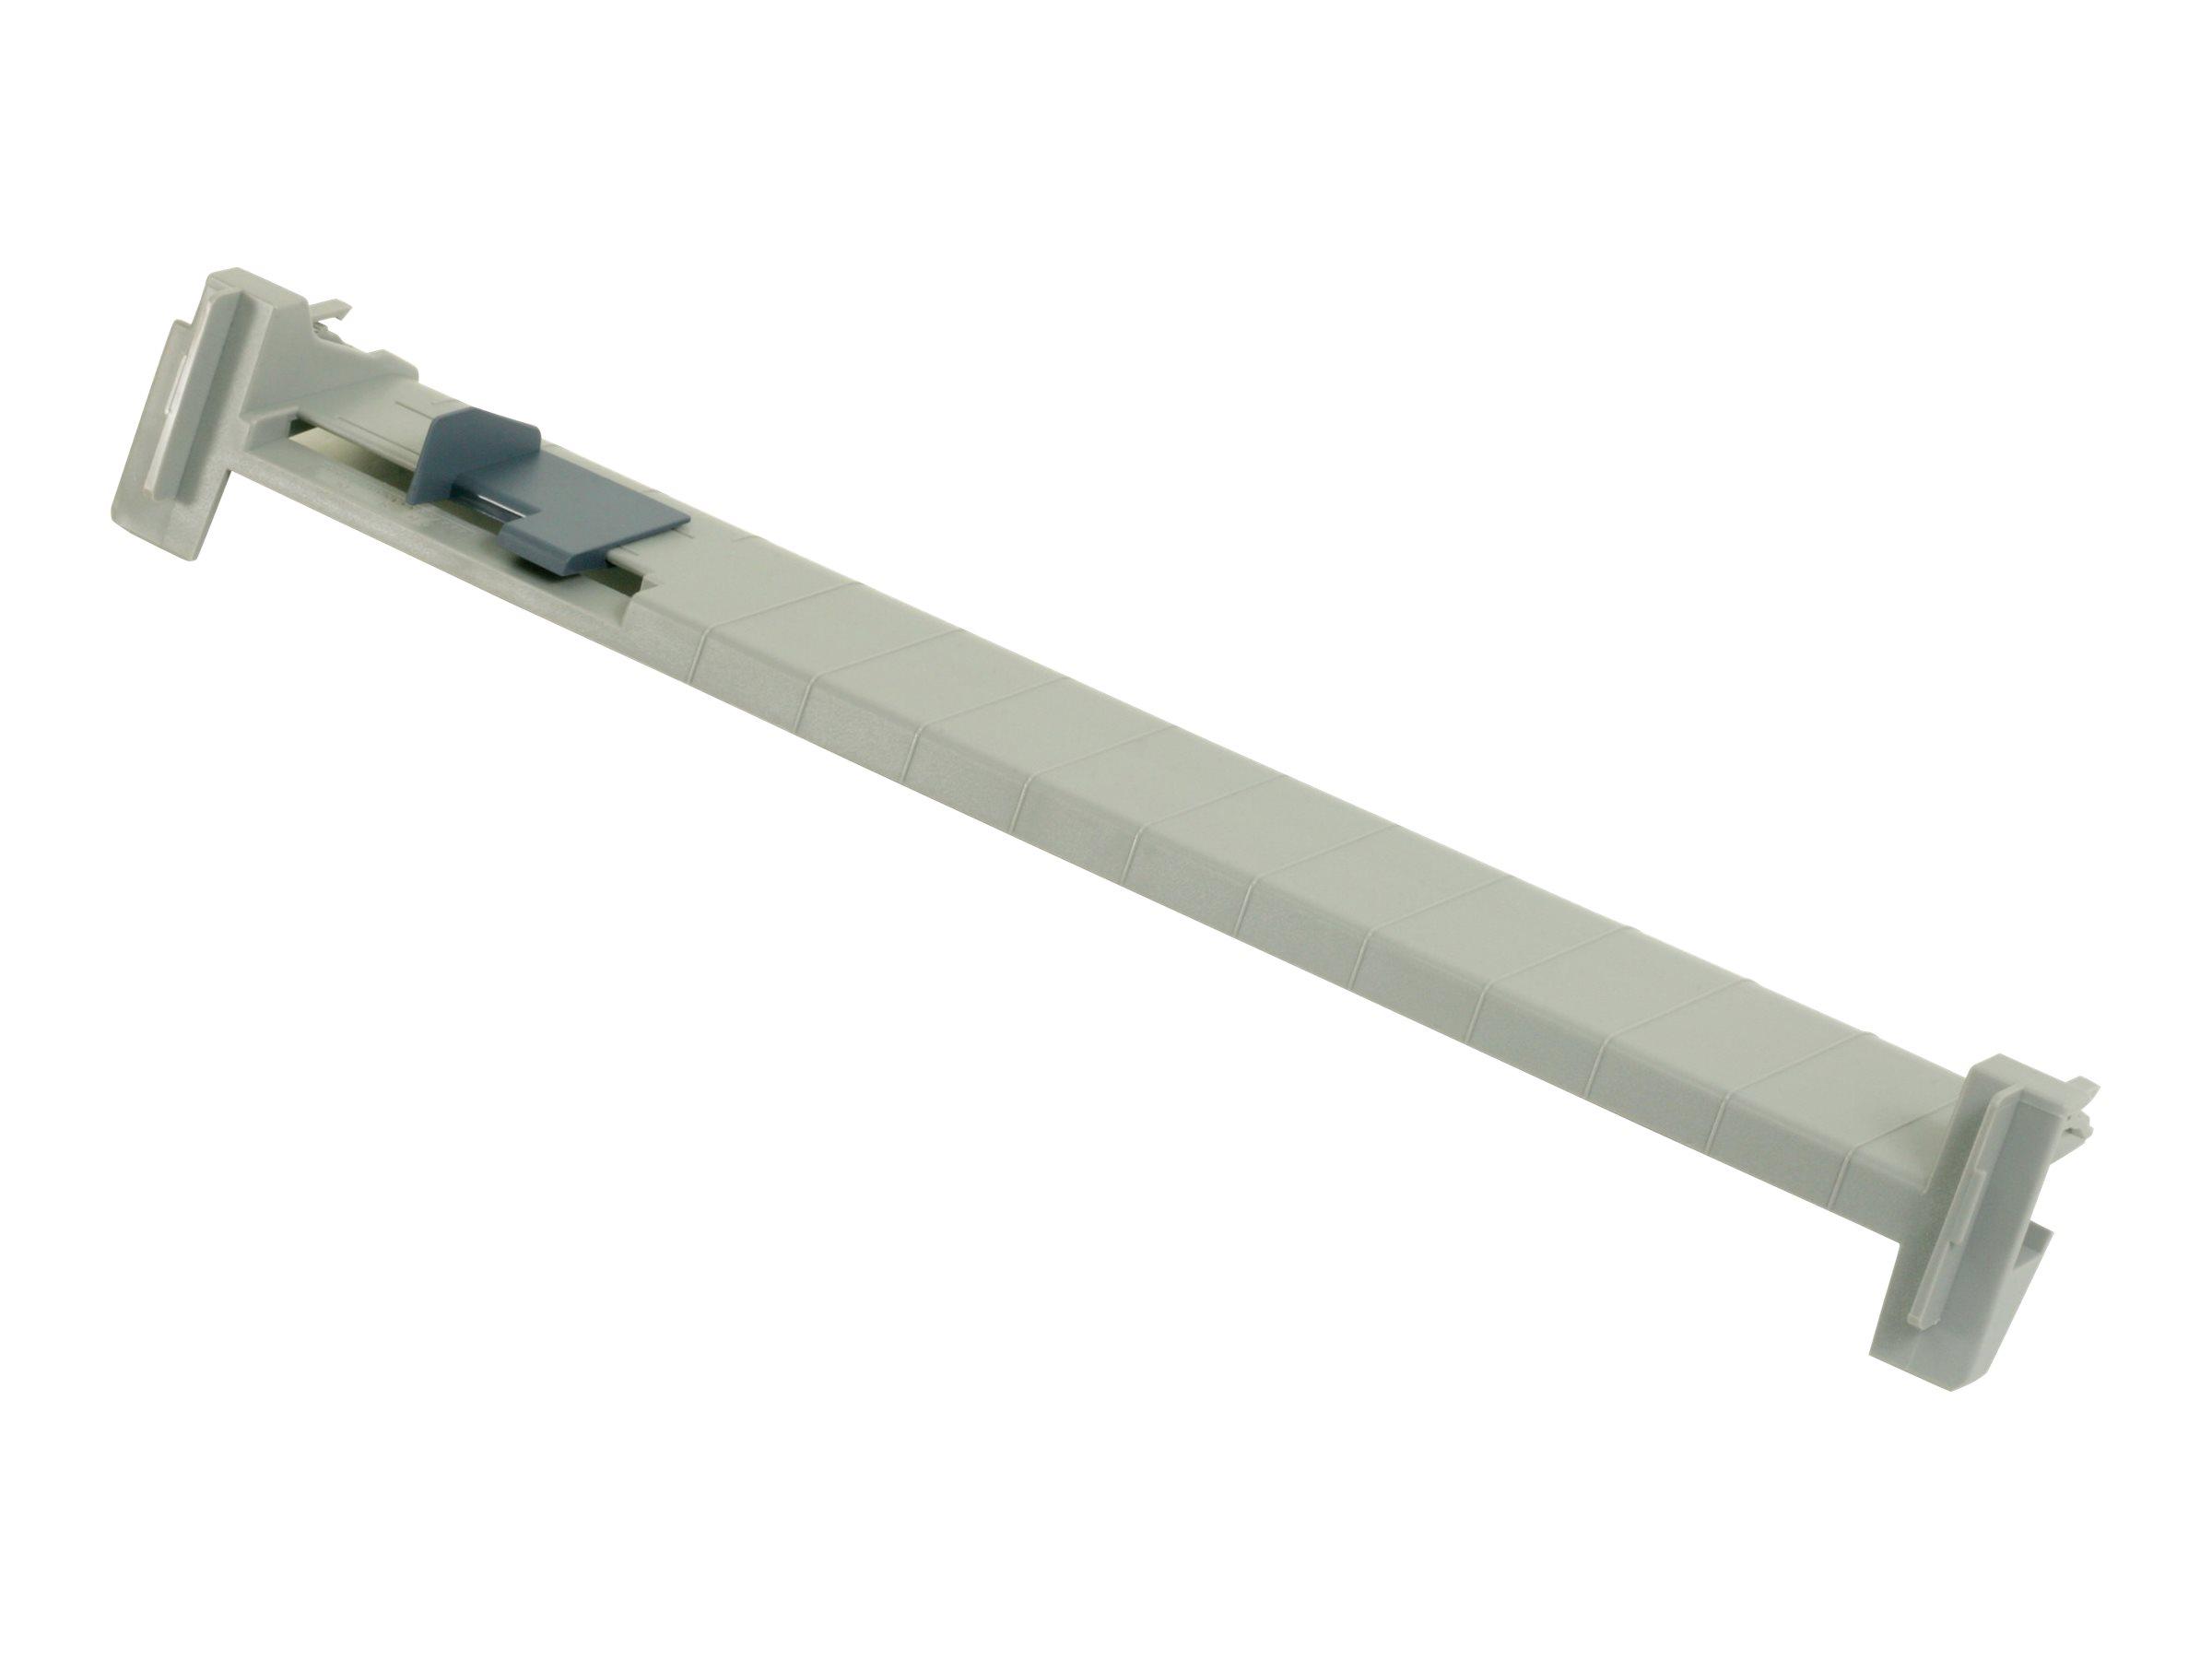 Epson - Papieradapter - für FX 1170, 1180, 2190, 2190N, 890